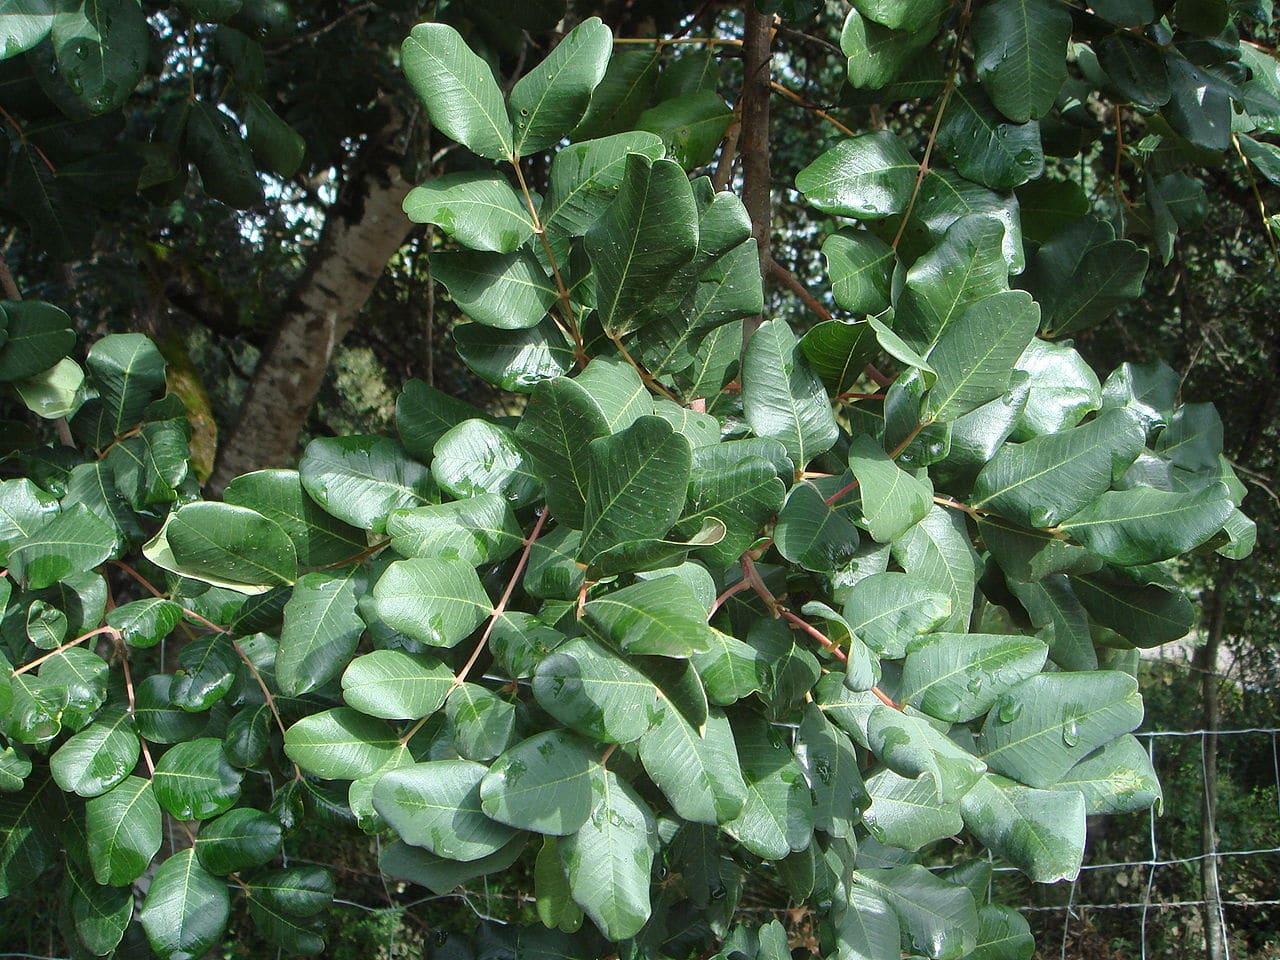 El algarrobo es un árbol perennifolio